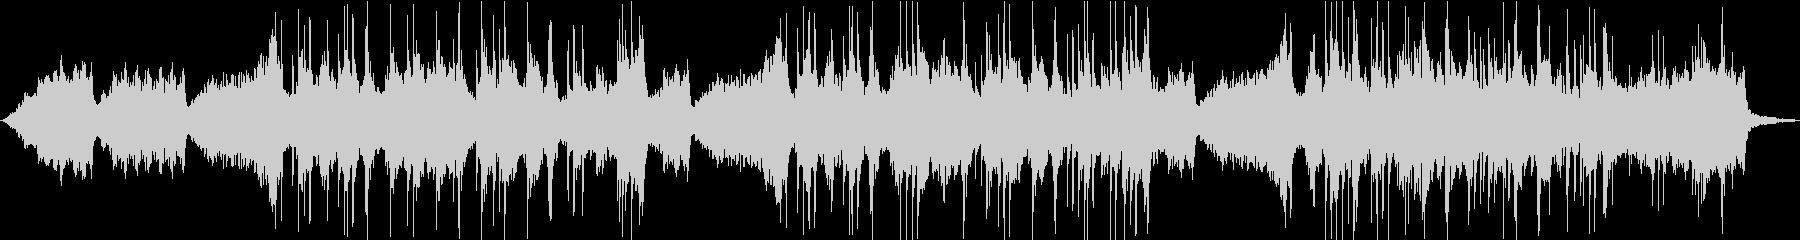 ソルフェジオ周波数による癒しのクリスマスの未再生の波形